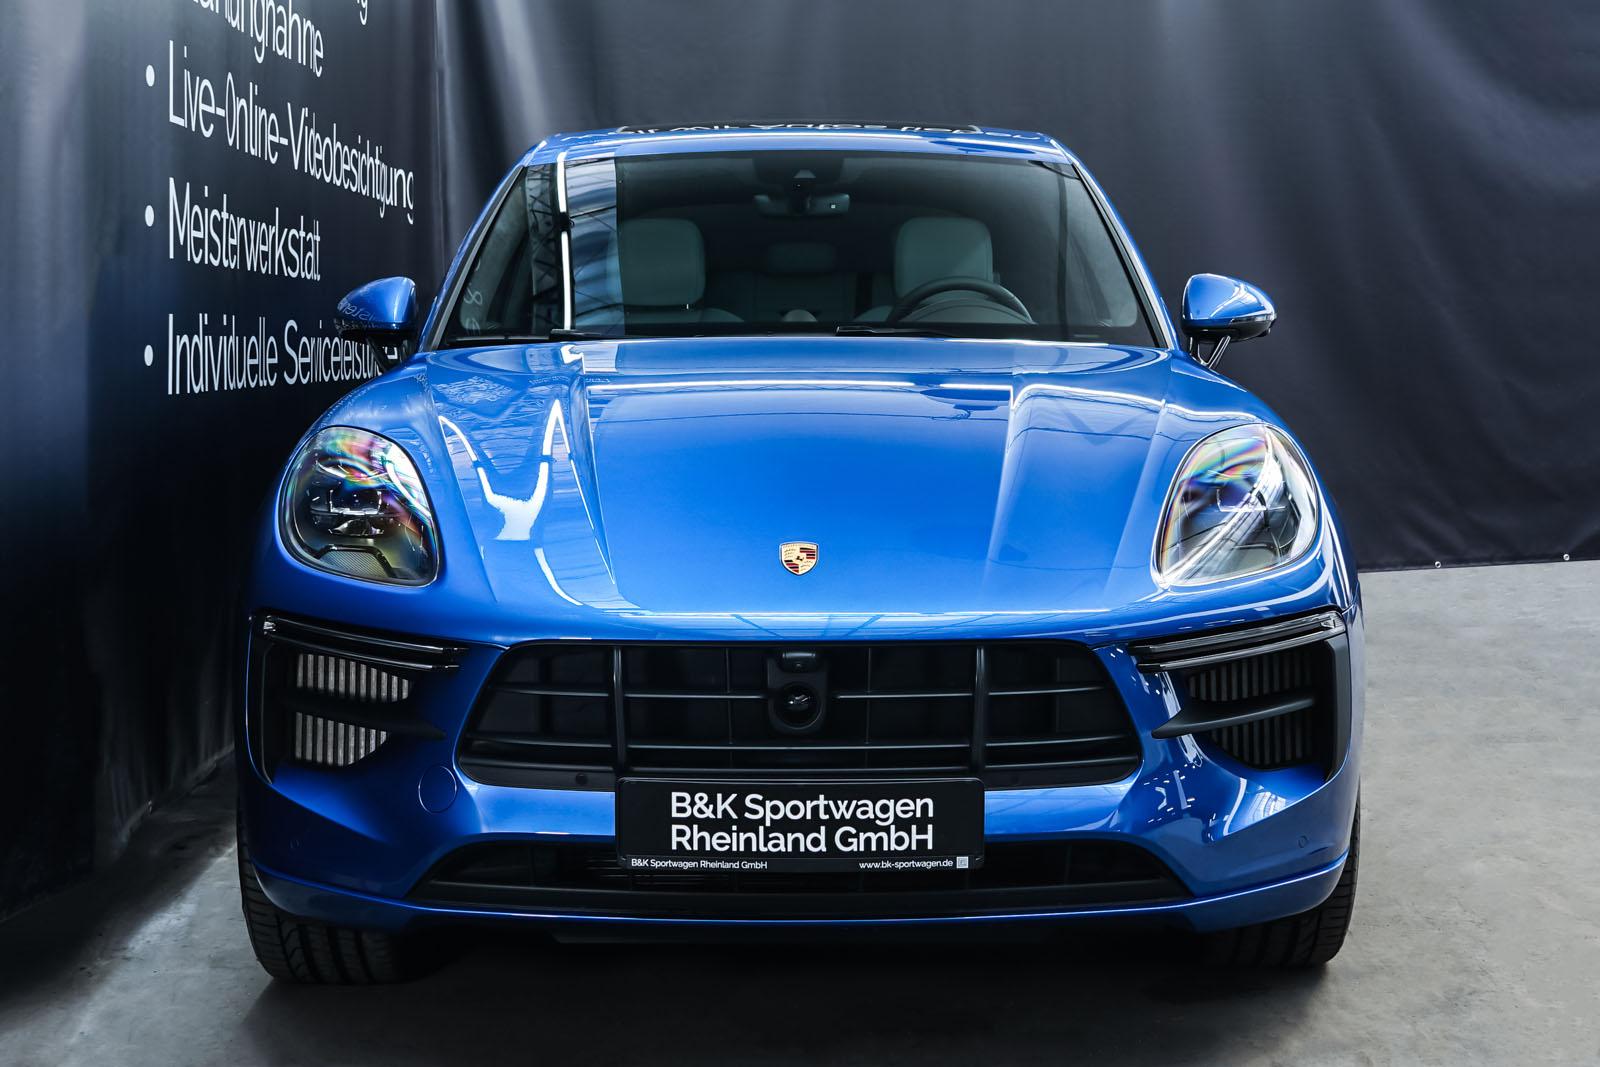 Porsche_Macan_Turbo_Blau_Weiß_POR-2038_1_w